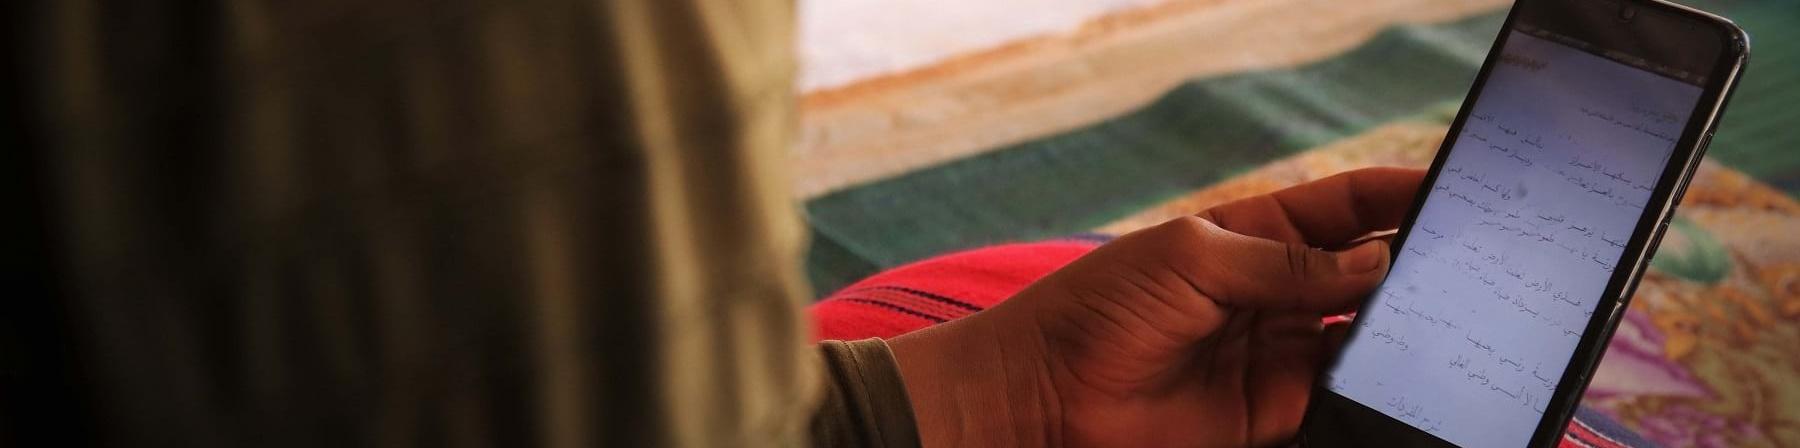 Profilo mezzo busto di un bambino che tiene in mano un cellulare e lo guarda